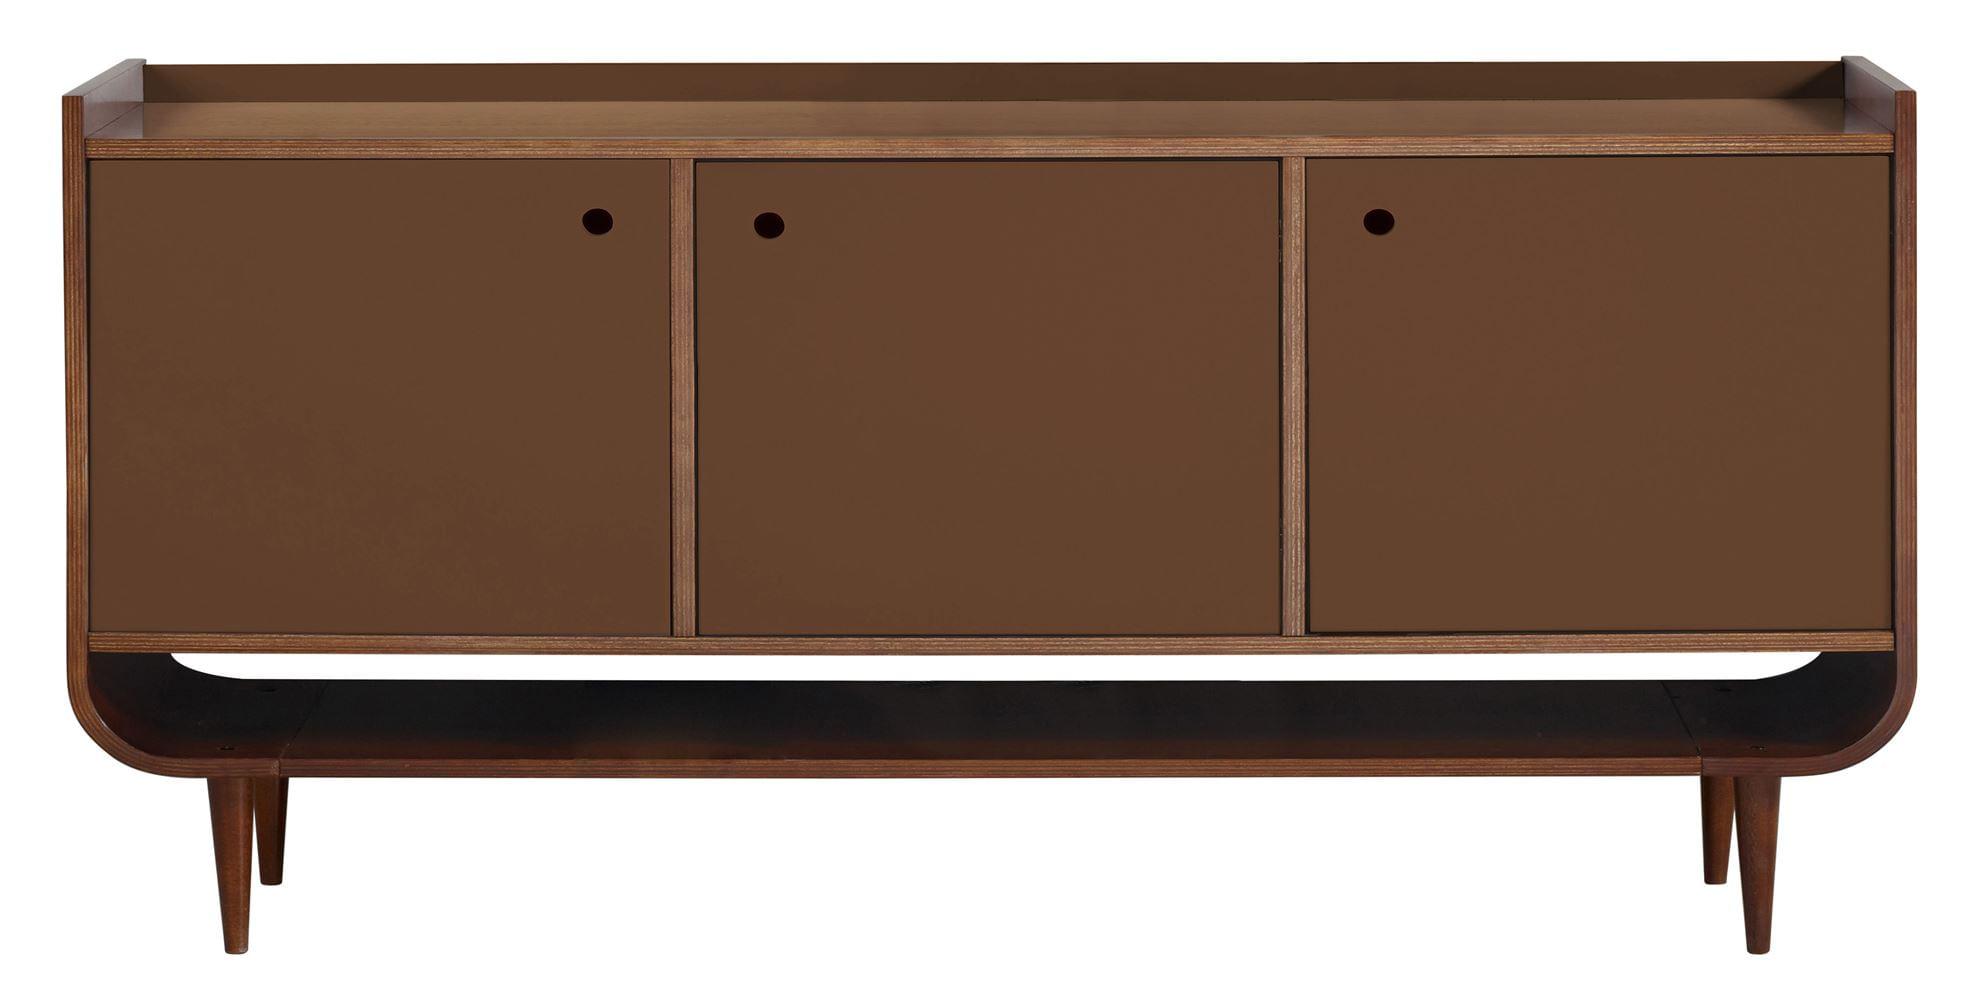 Buffet Dylan C/ 3 Portas Madeira Cor Cacau/Marrom - 30761